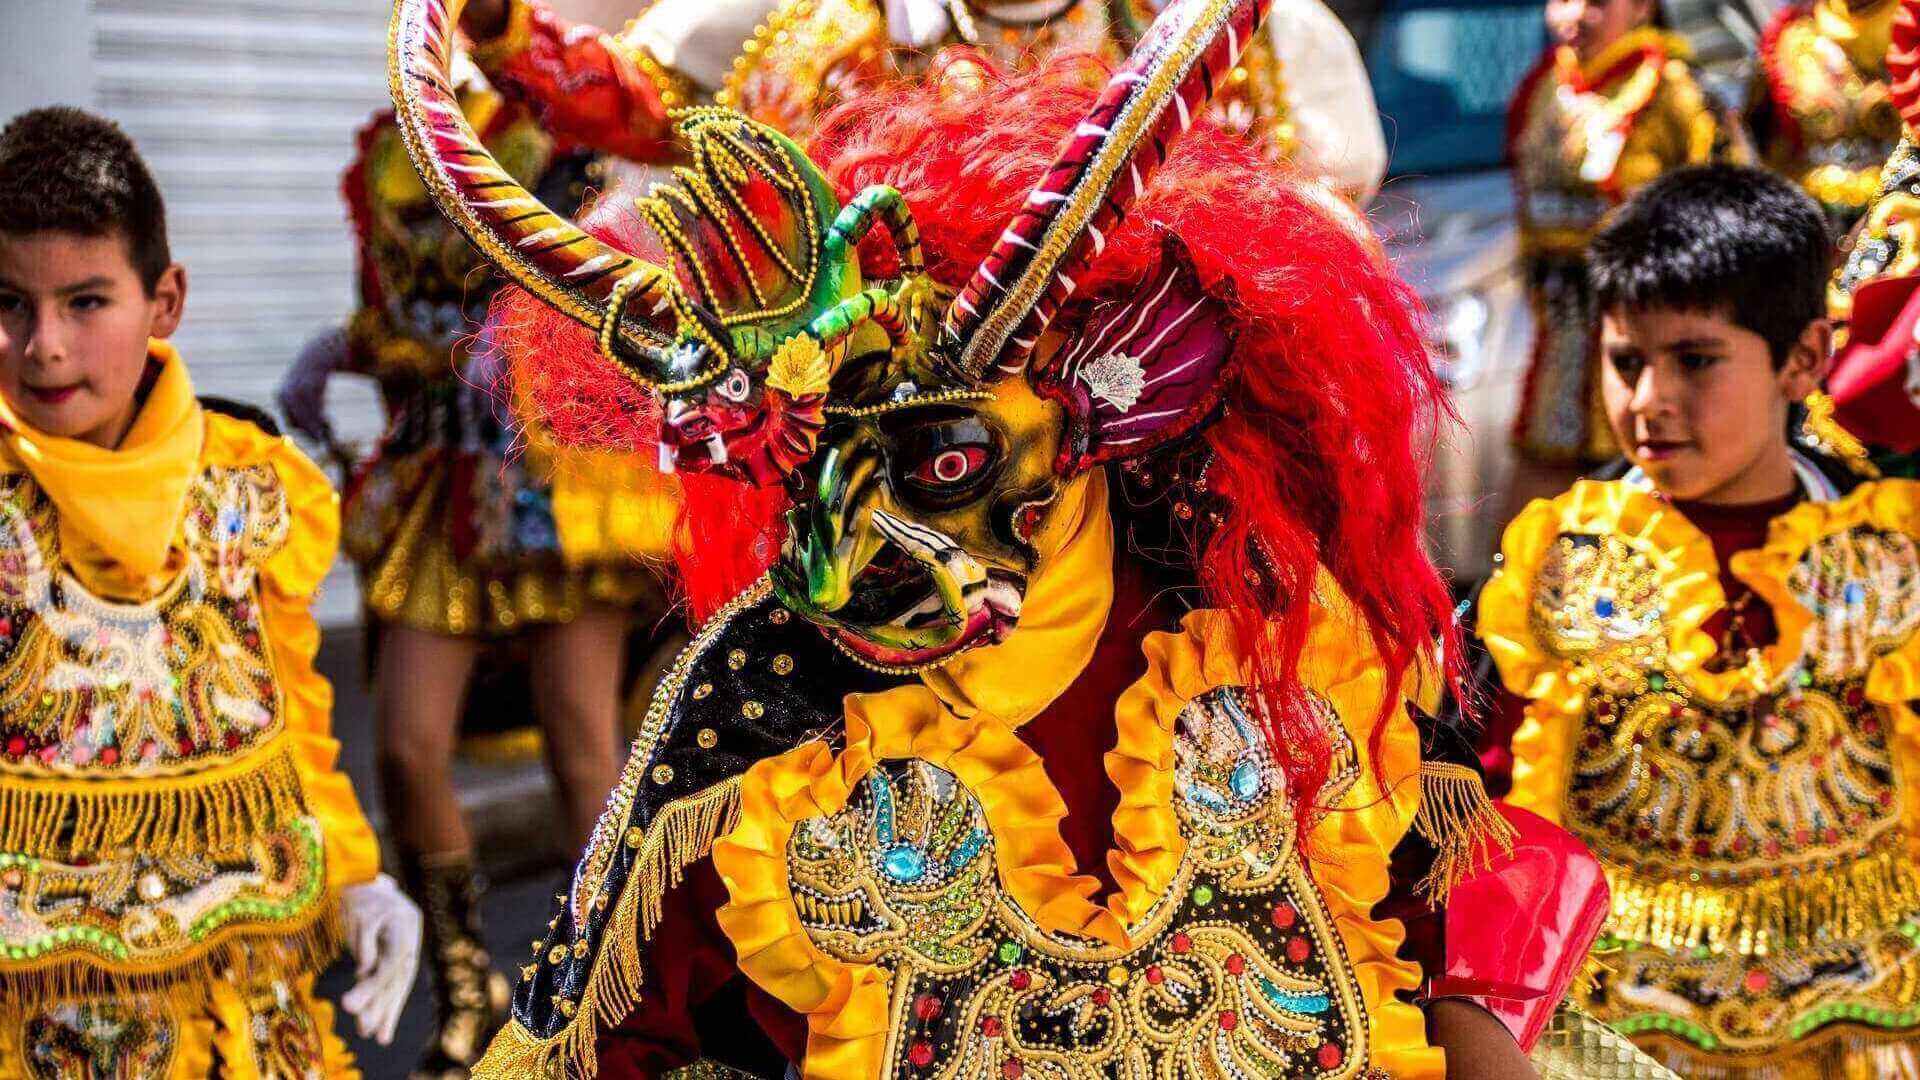 Carnavalsoptocht in het centrum van Sucre in Bolivia